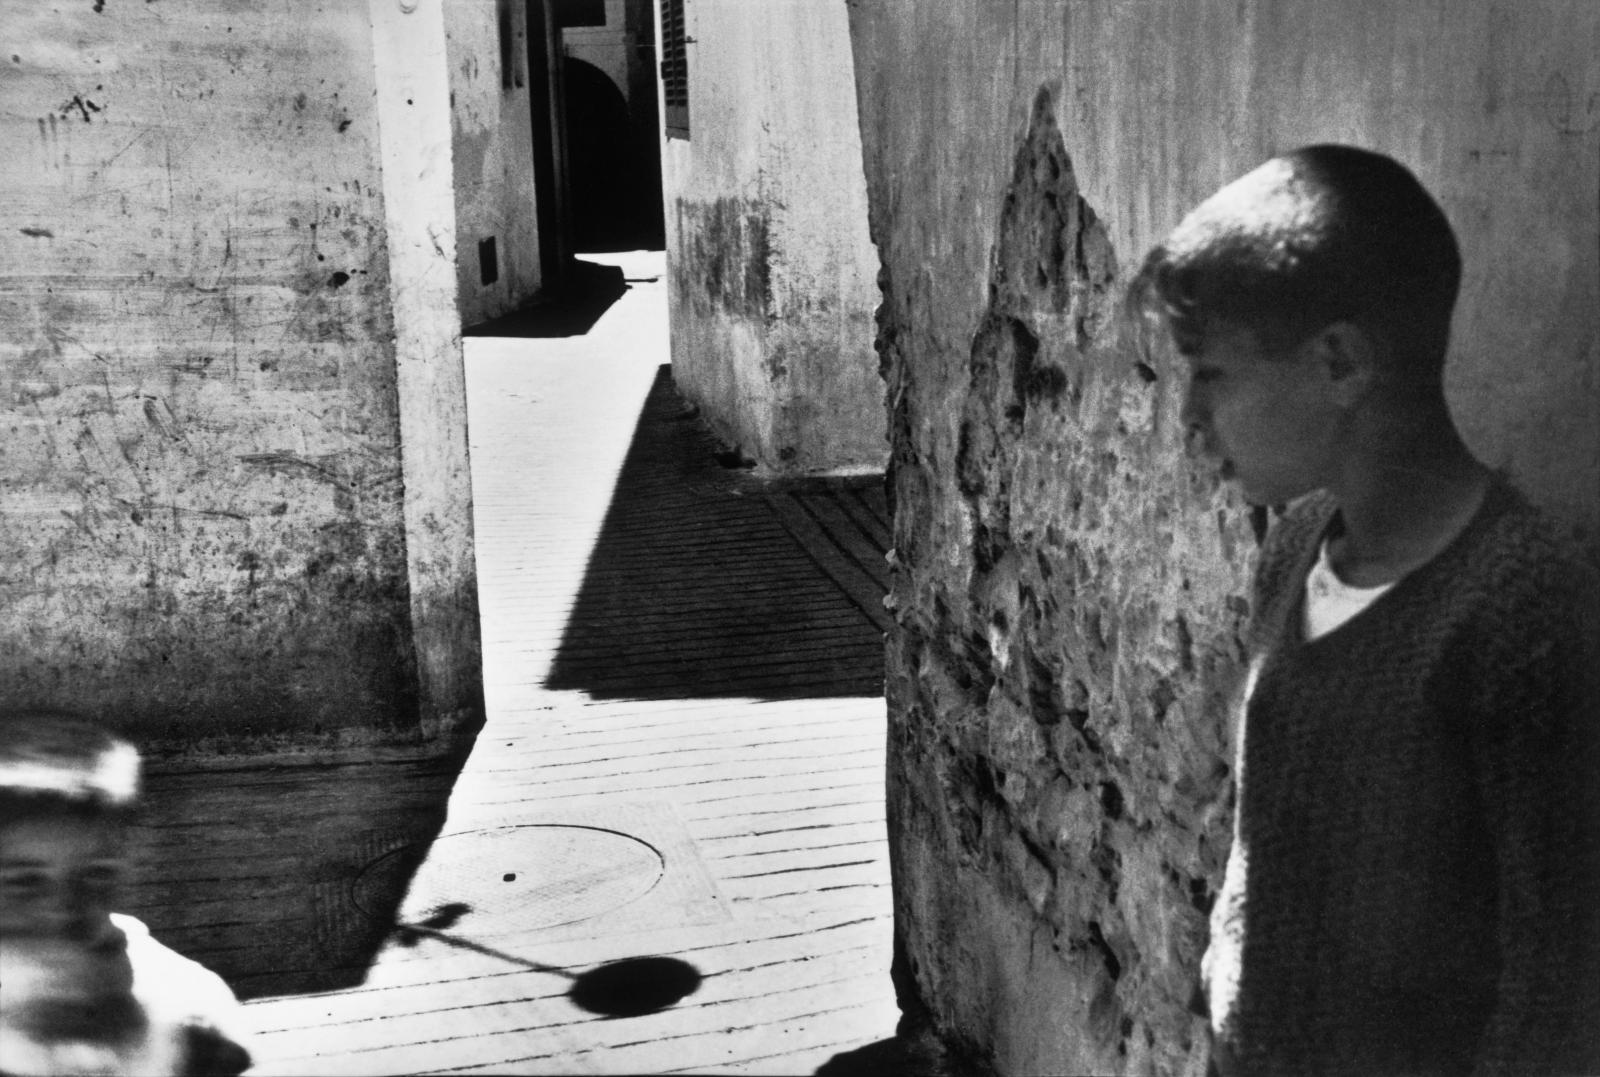 Henri Cartier-Bresson, Images à la sauvette (Verve, 1952), pp. 27-28, Séville, Espagne, 1933.